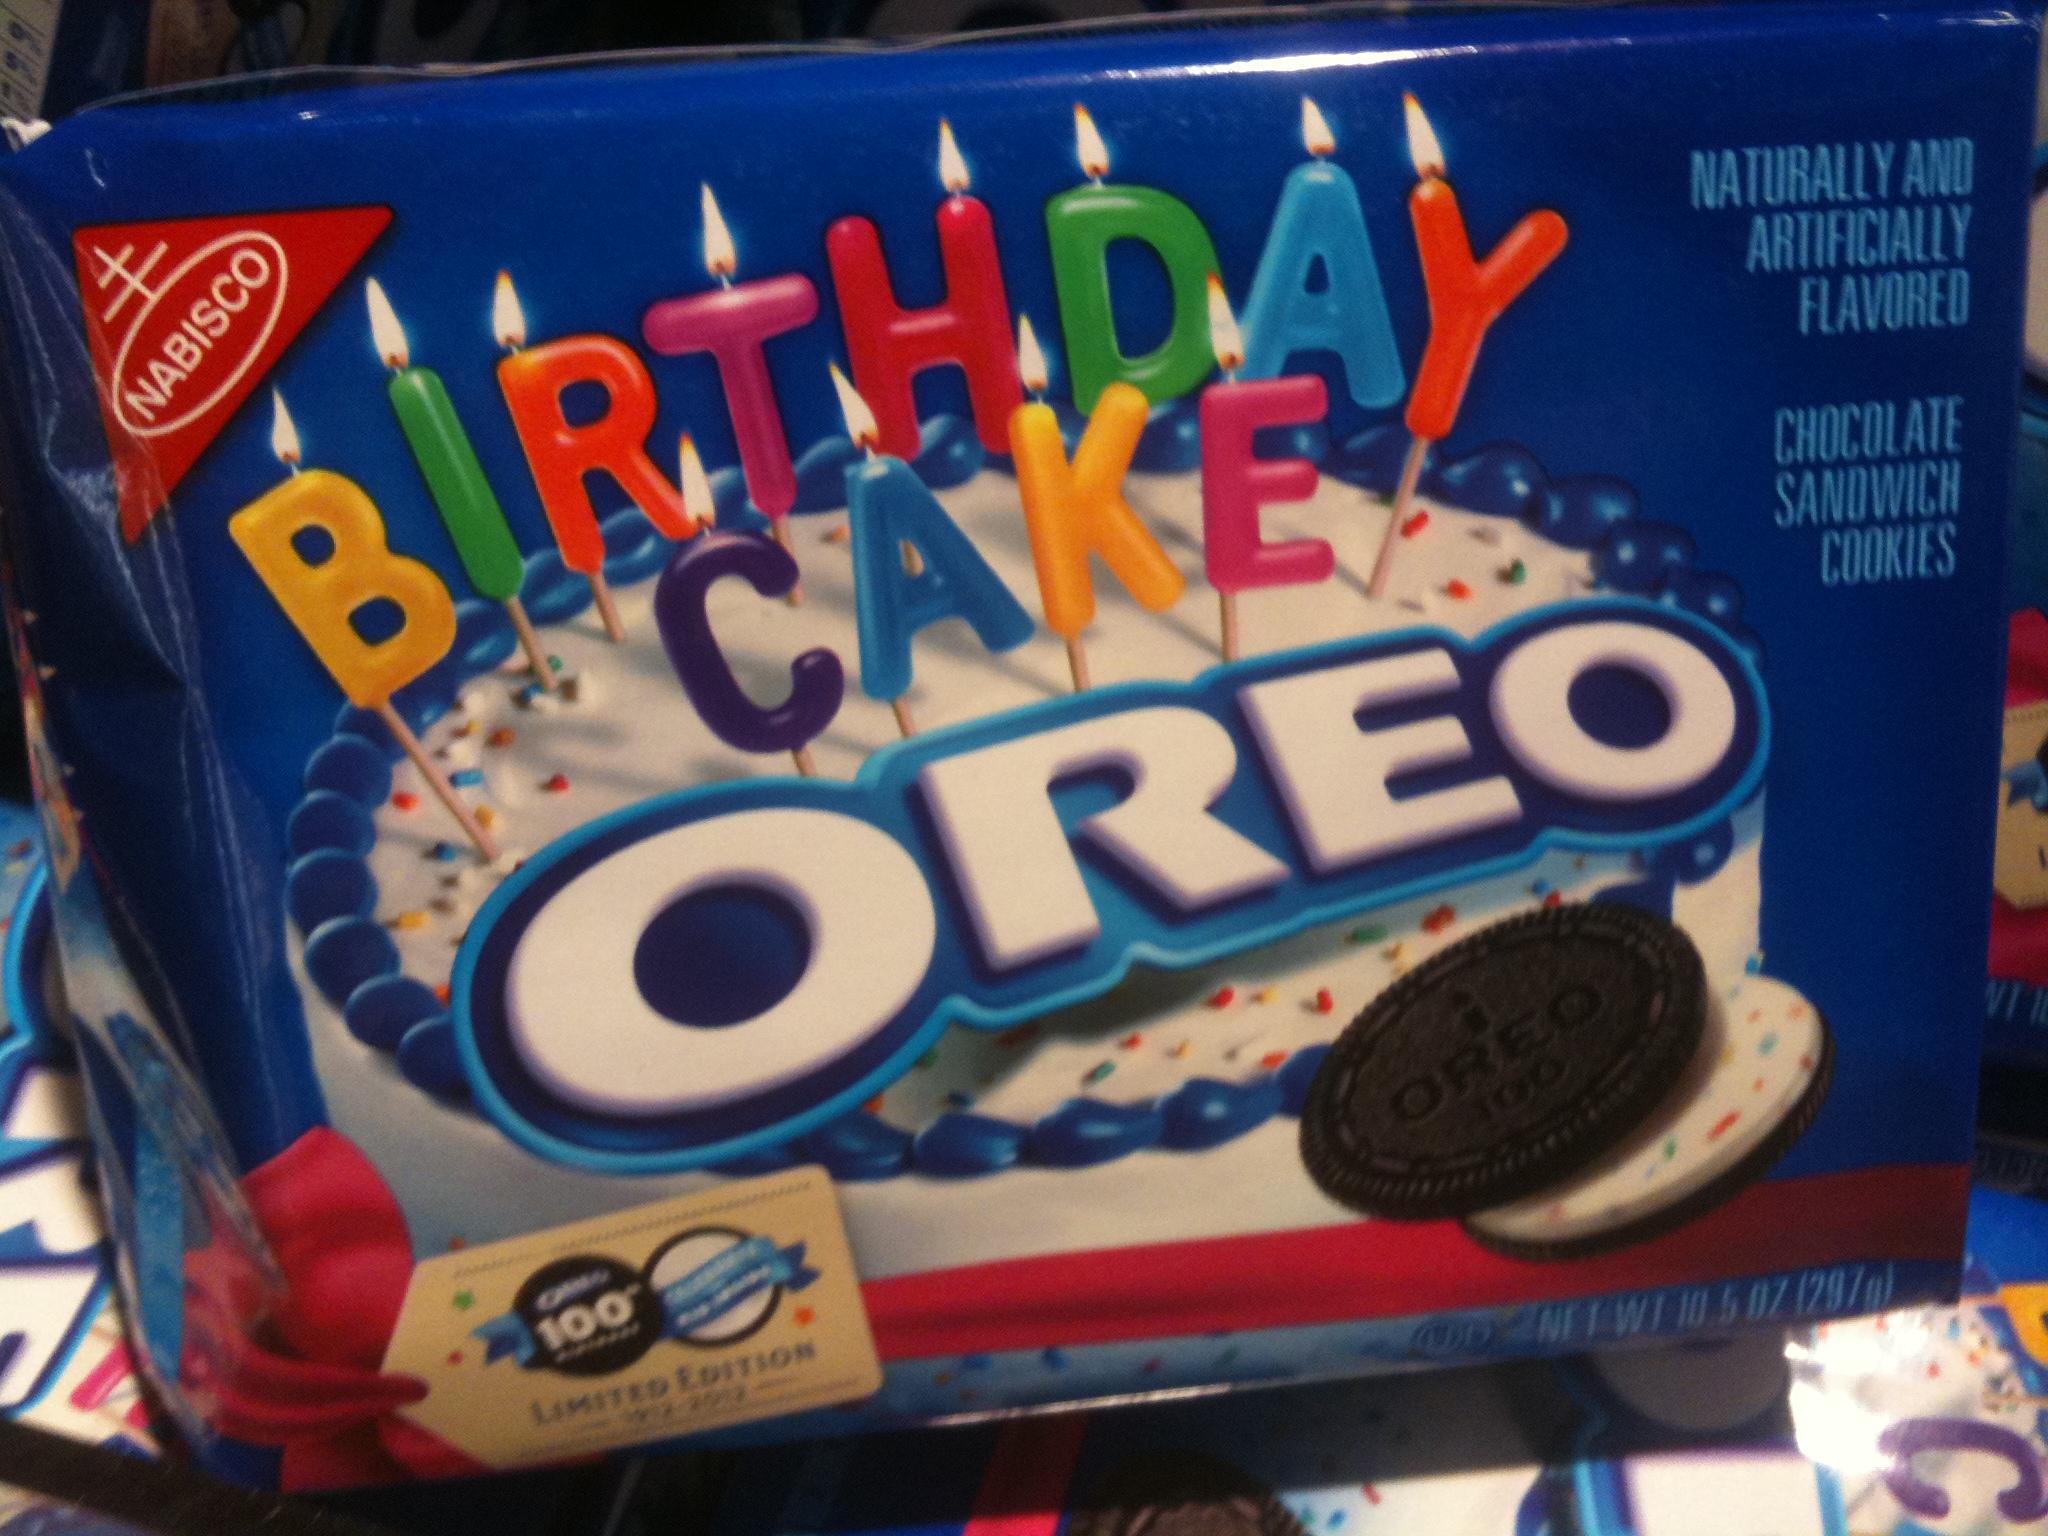 birthday cake oreo pack